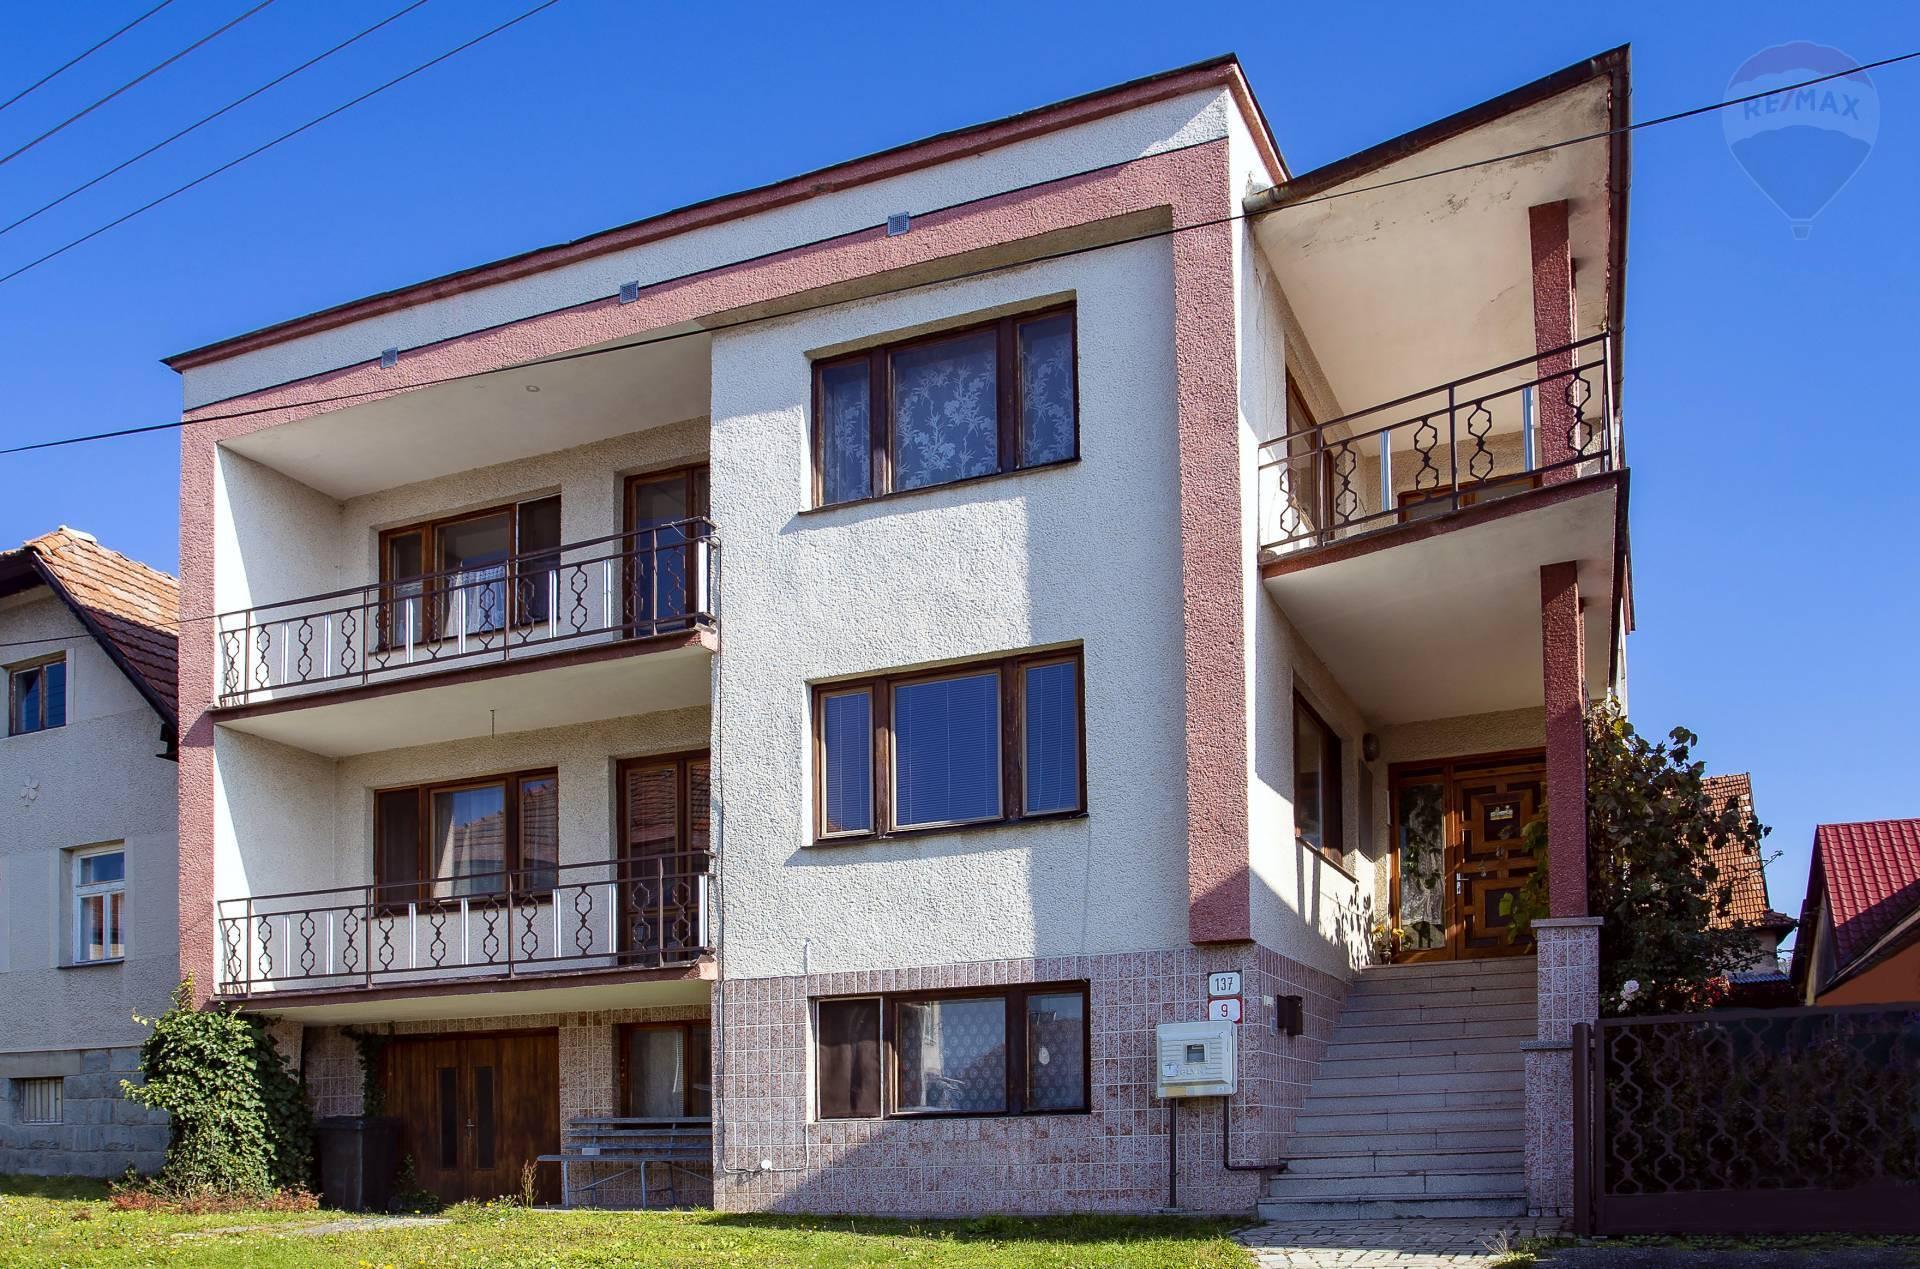 PREDAJ: Dobré bývanie v Dobrej Nive, 479 m2, Dobrá Niva, okres Zvolen